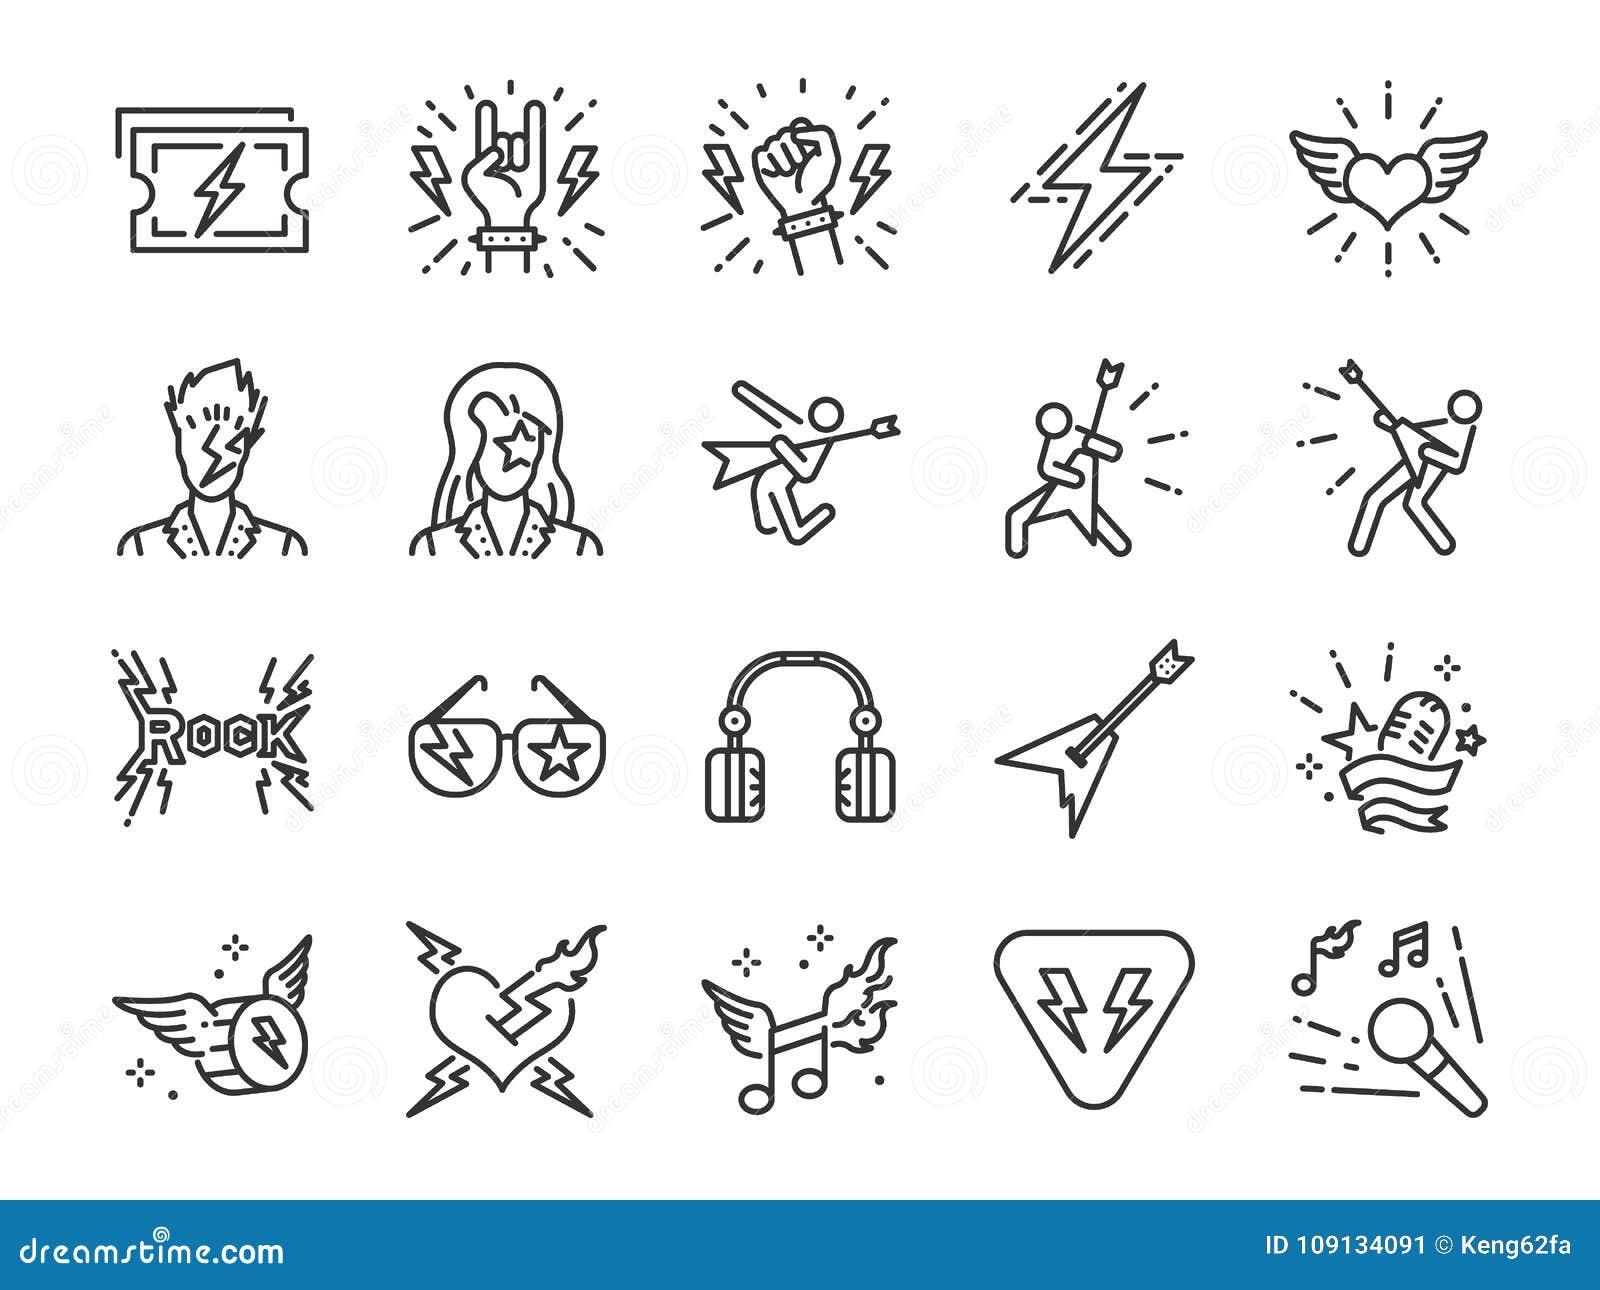 摇滚乐线象集合 包括象作为摇摆物、皮革男孩、音乐会、歌曲、音乐家、心脏,吉他和更多